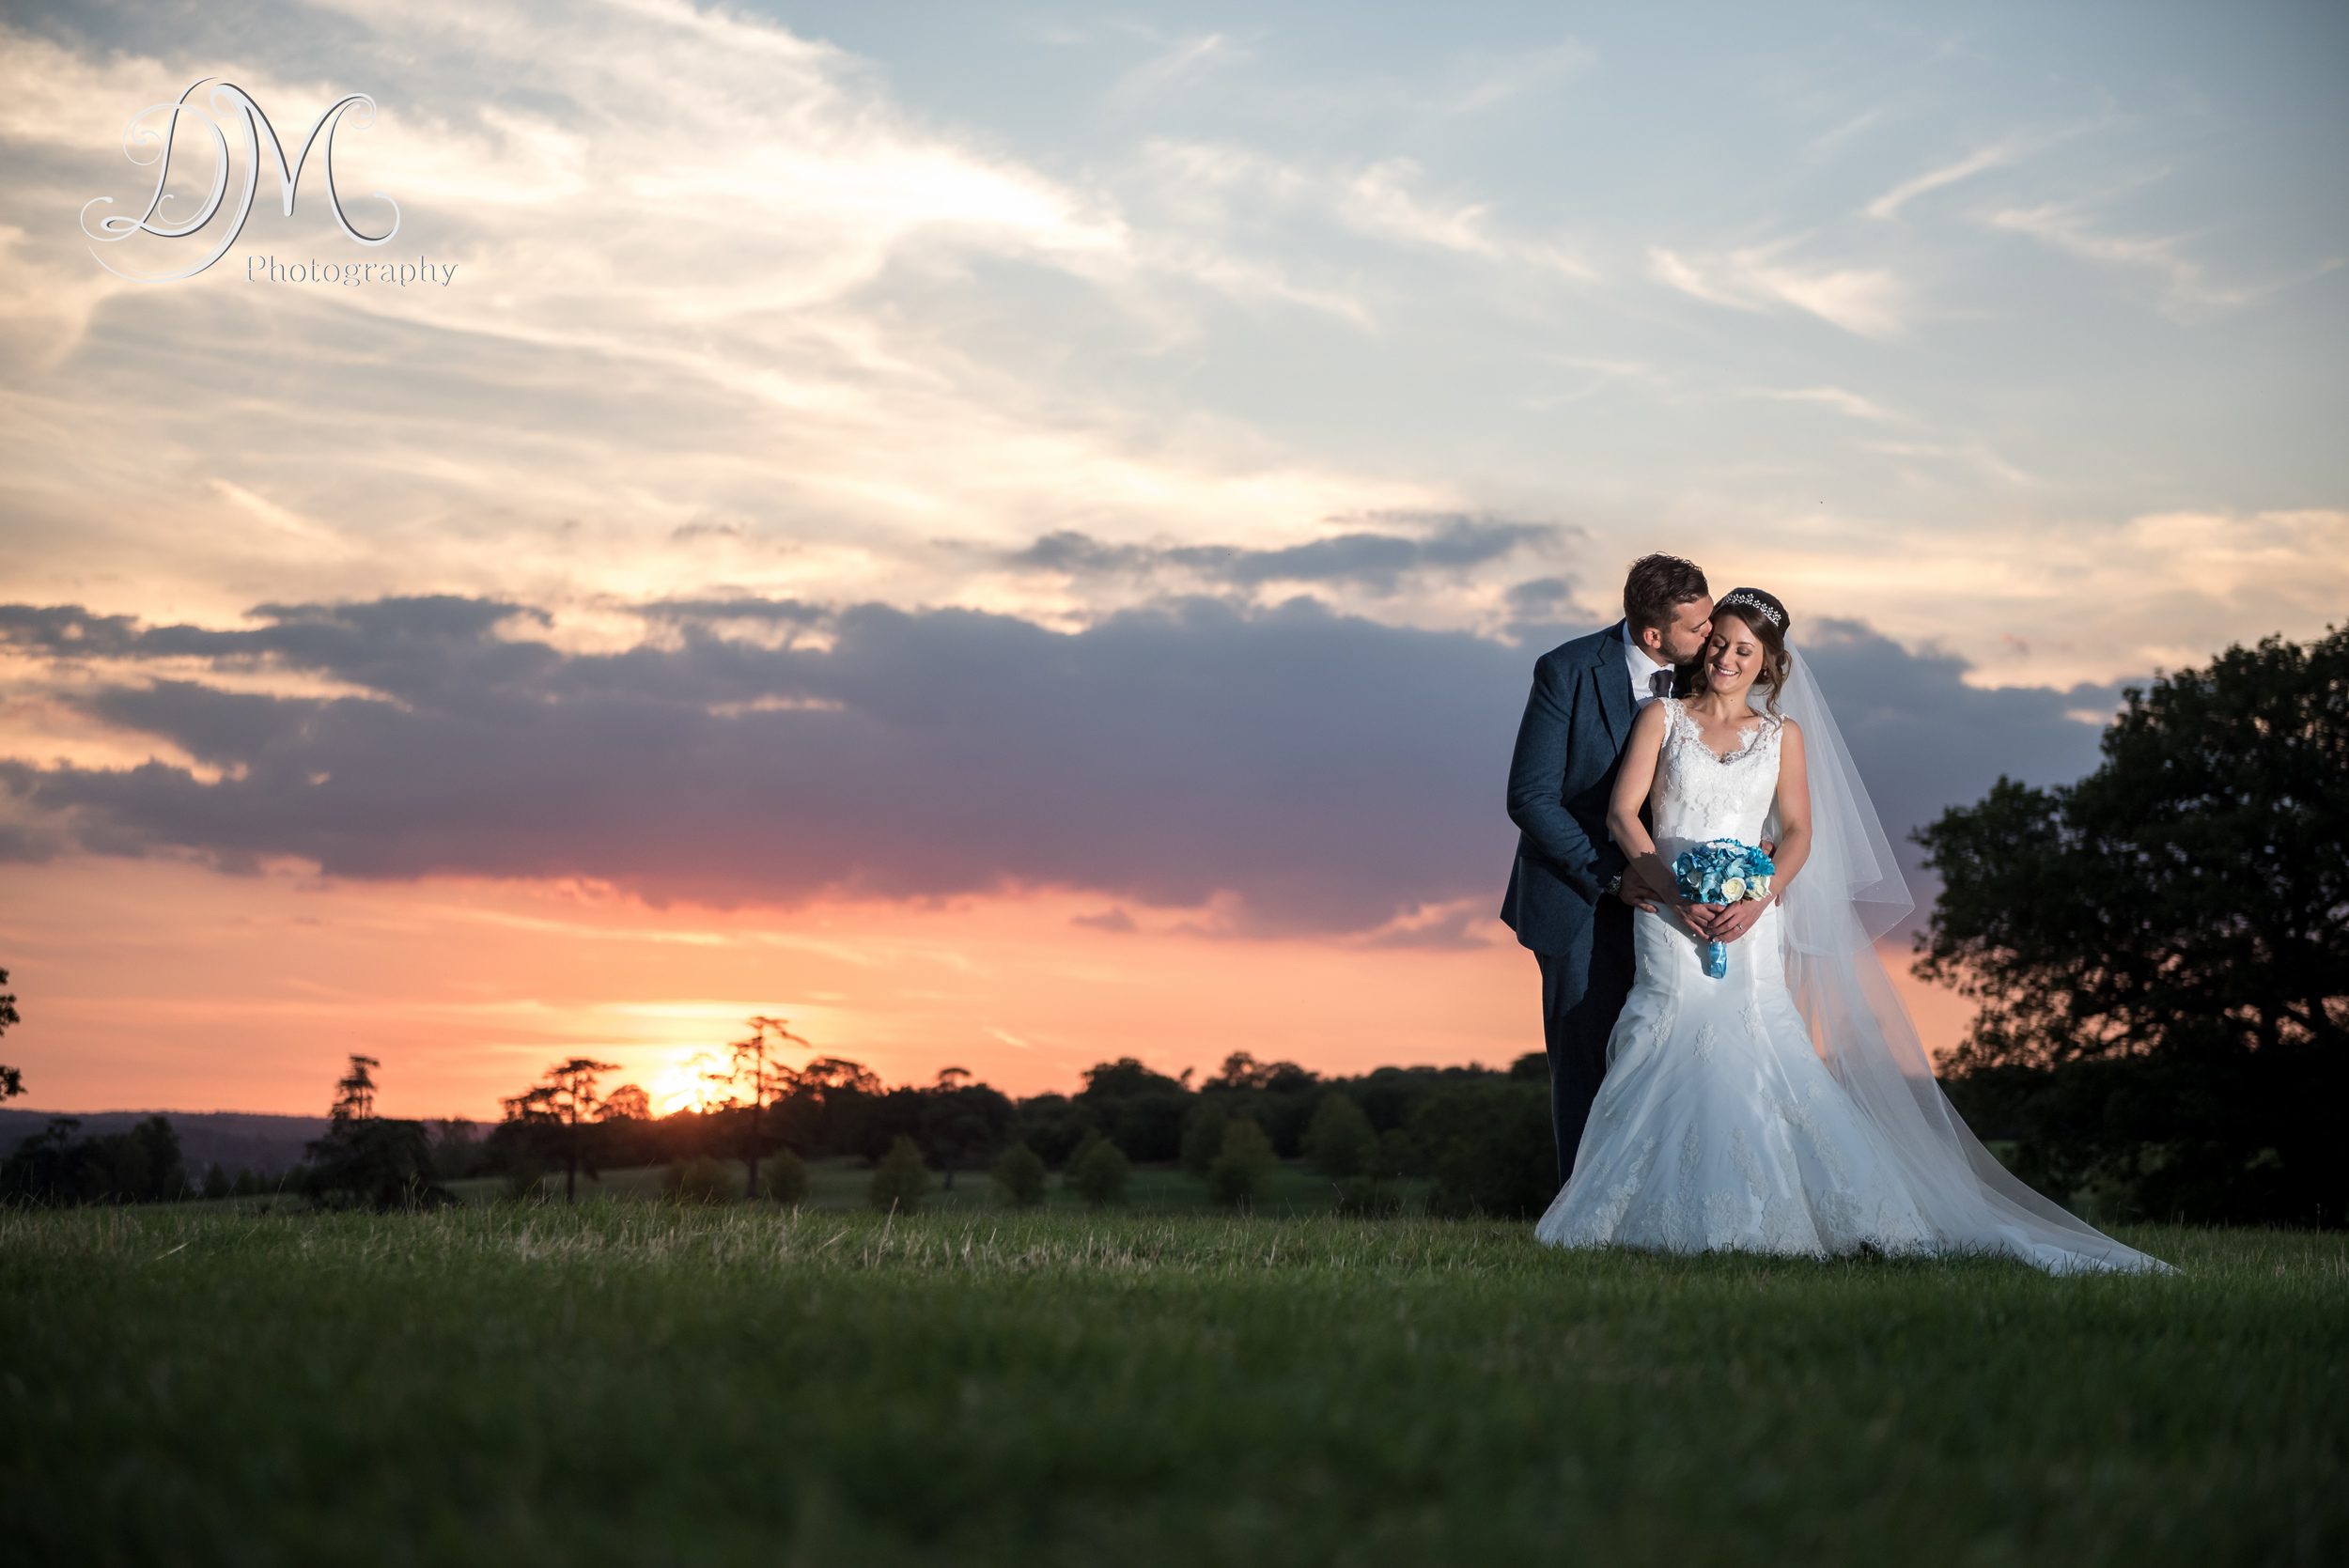 Henley Wedding Photography, UK Wedding Photography, Old Worsleys